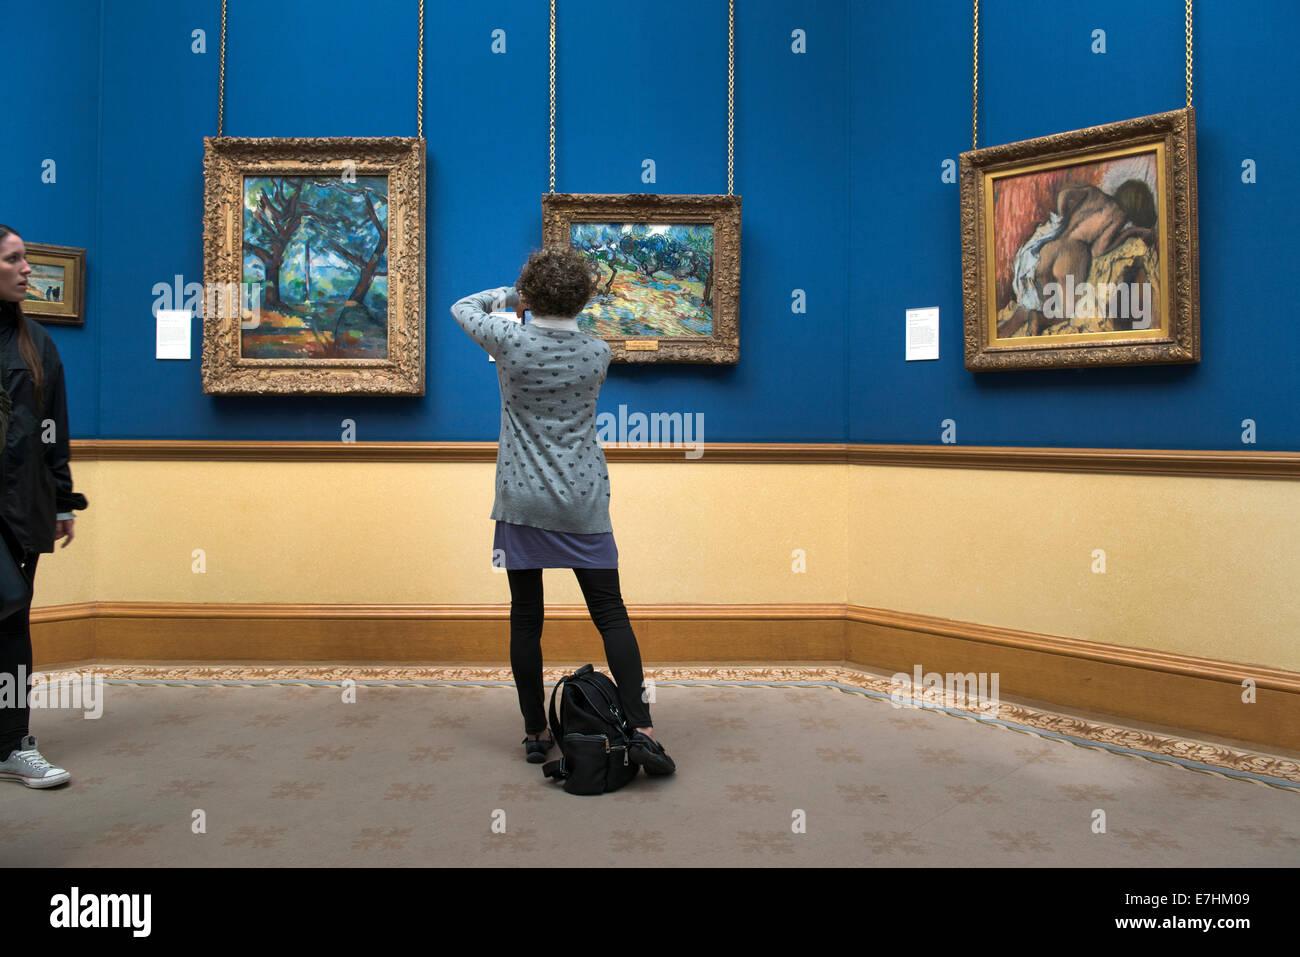 Vincent van goghs stock photos & vincent van goghs stock images ...